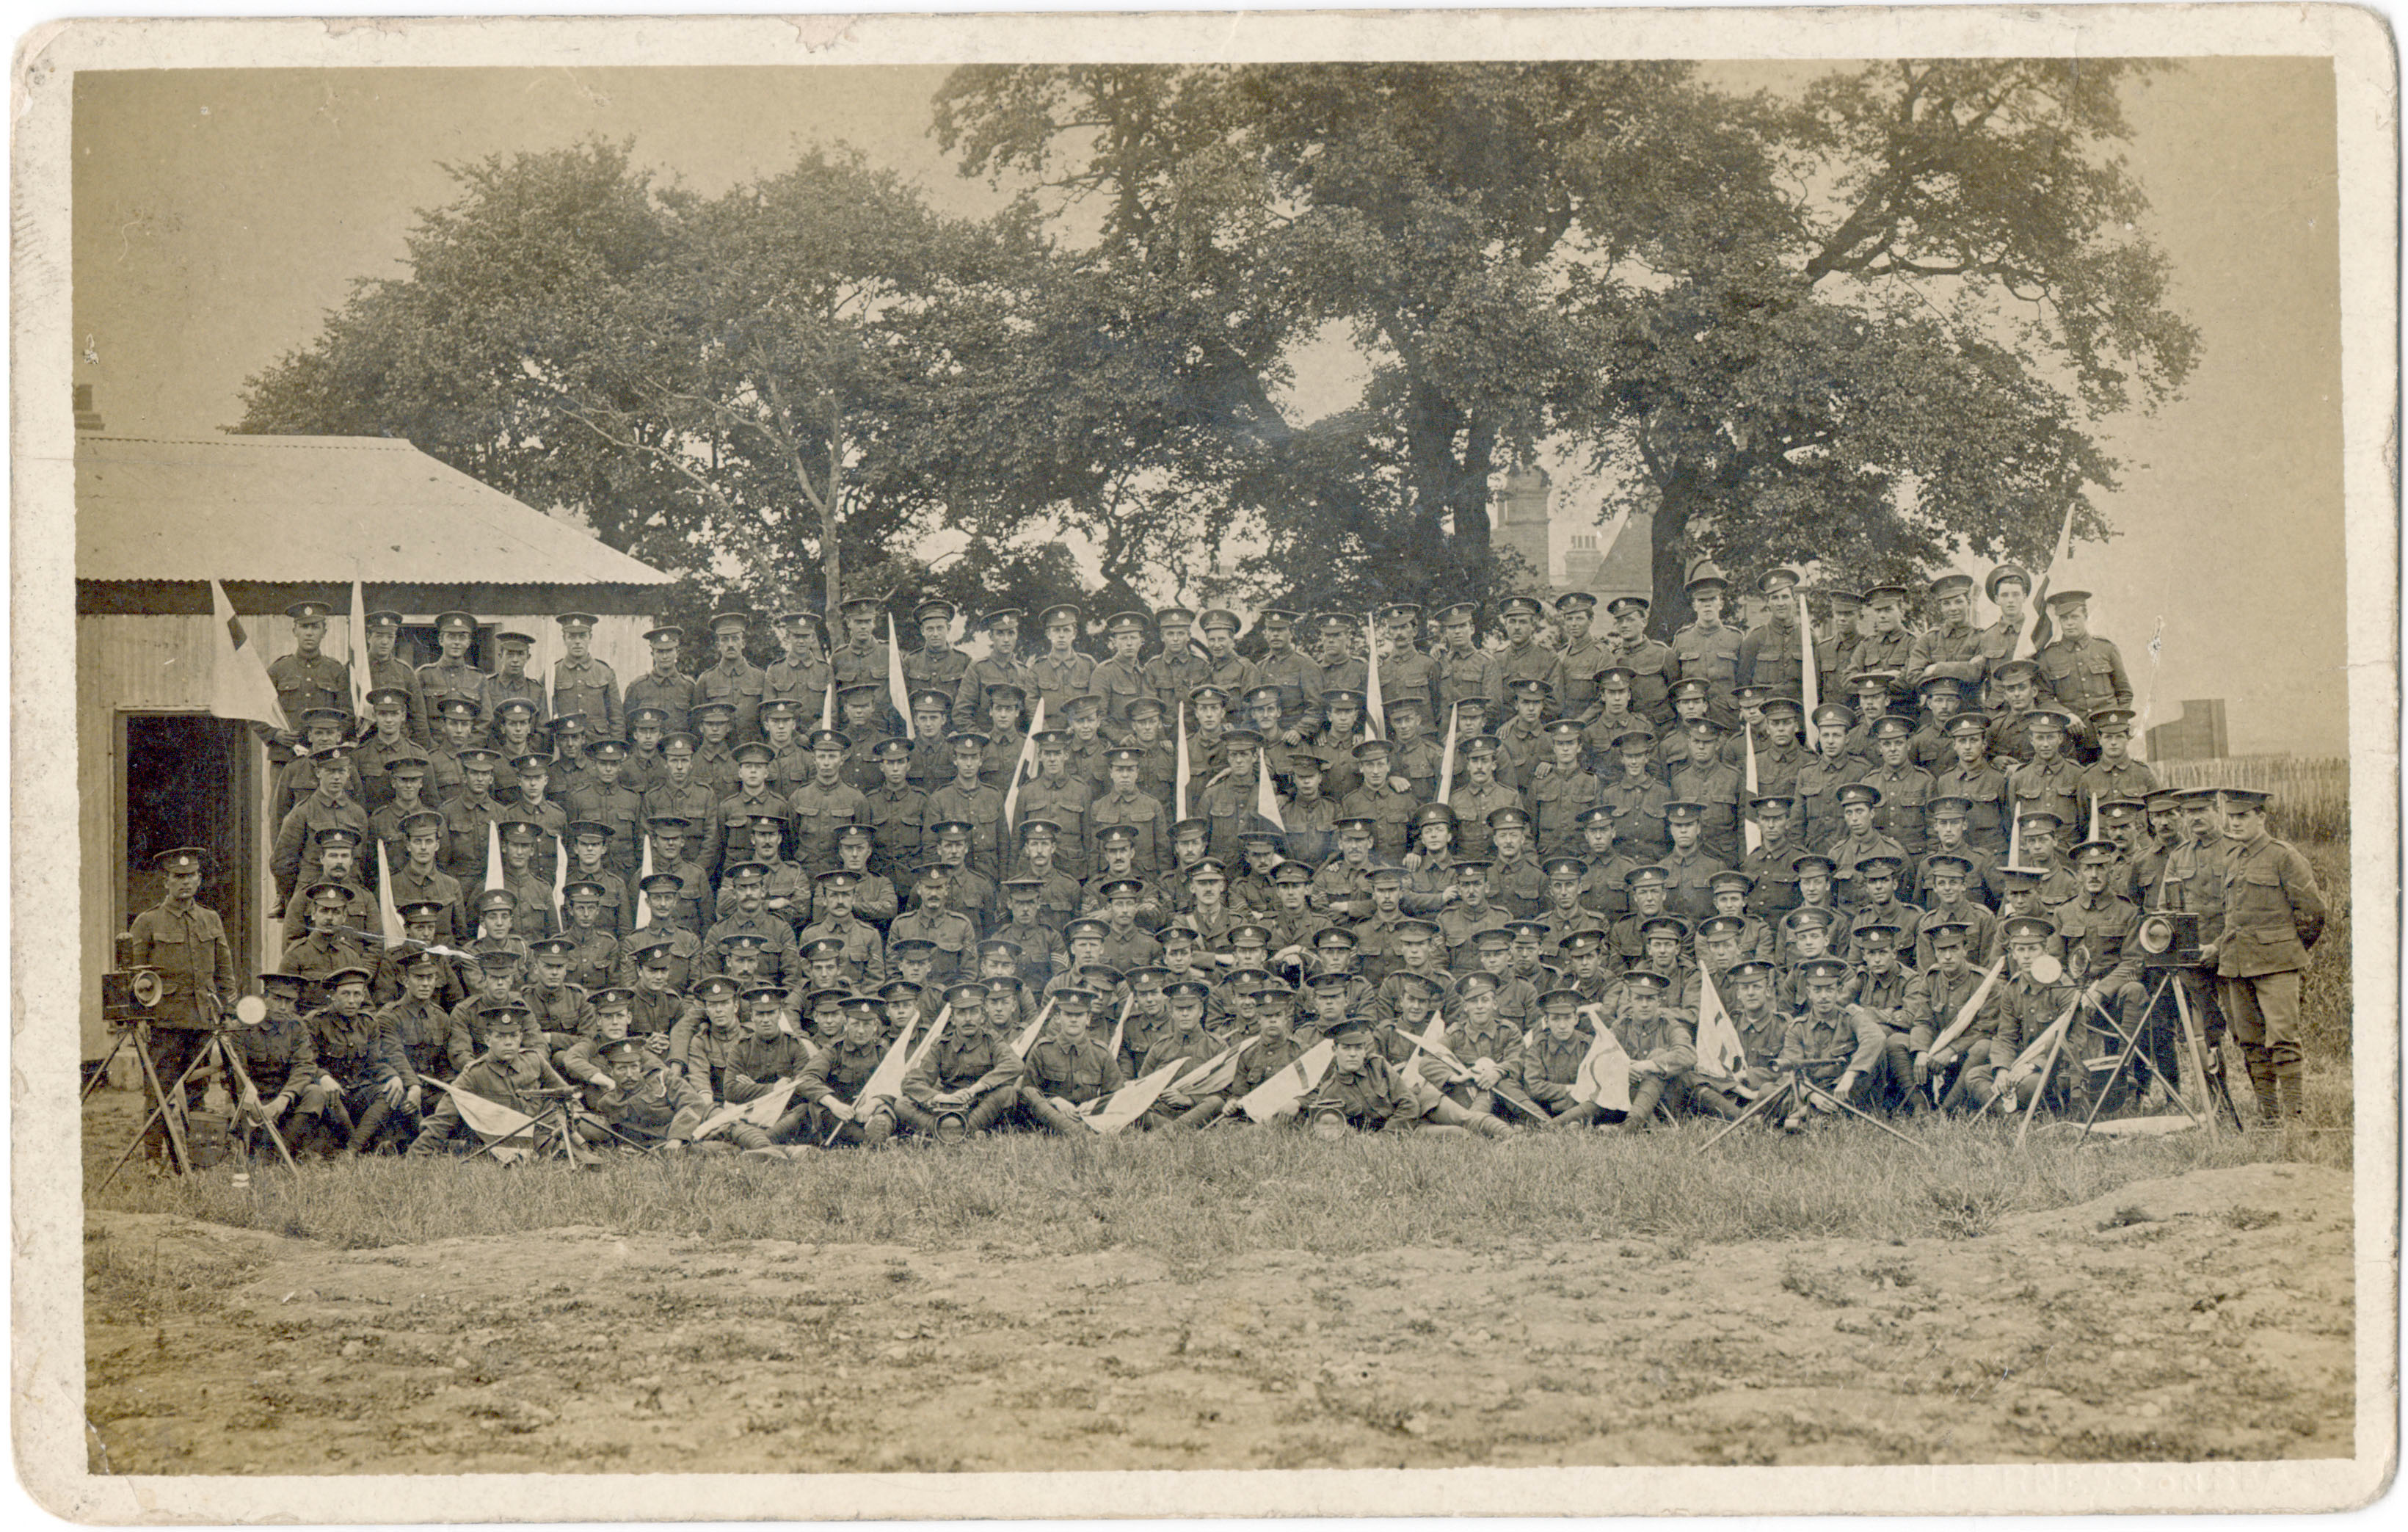 SoldierGroup.jpg